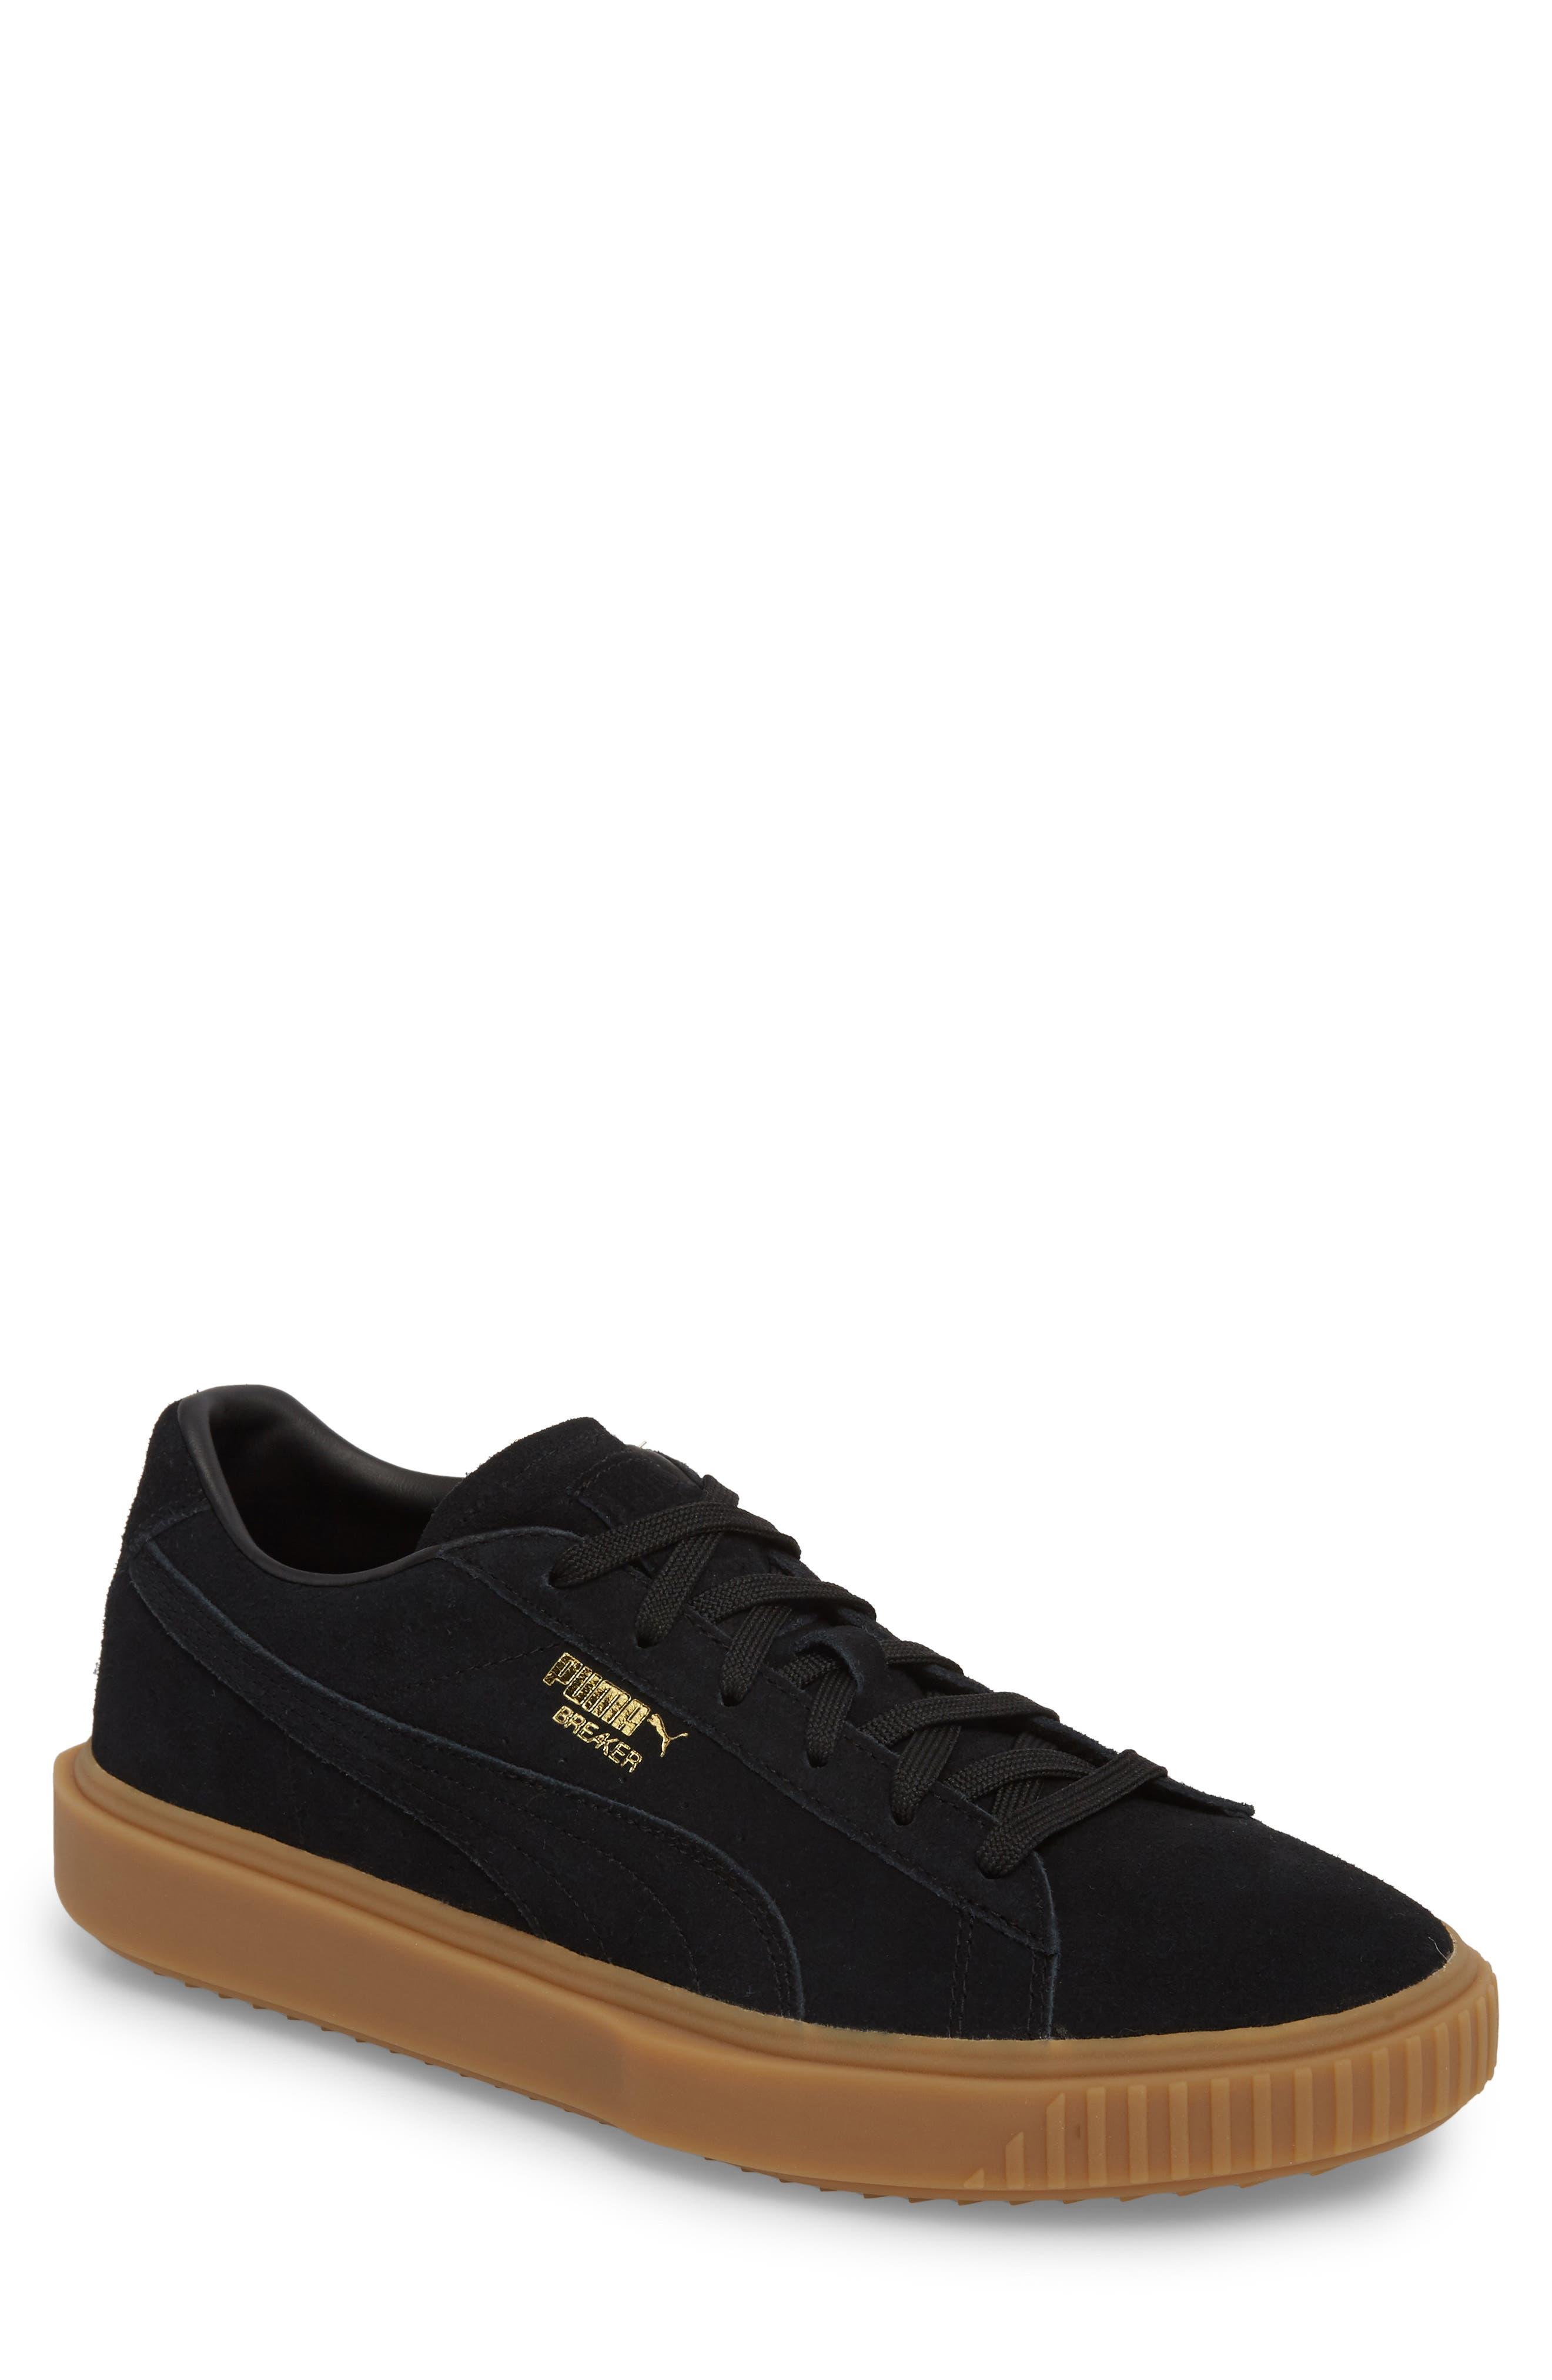 Breaker Suede Gum Low Top Sneaker,                         Main,                         color,